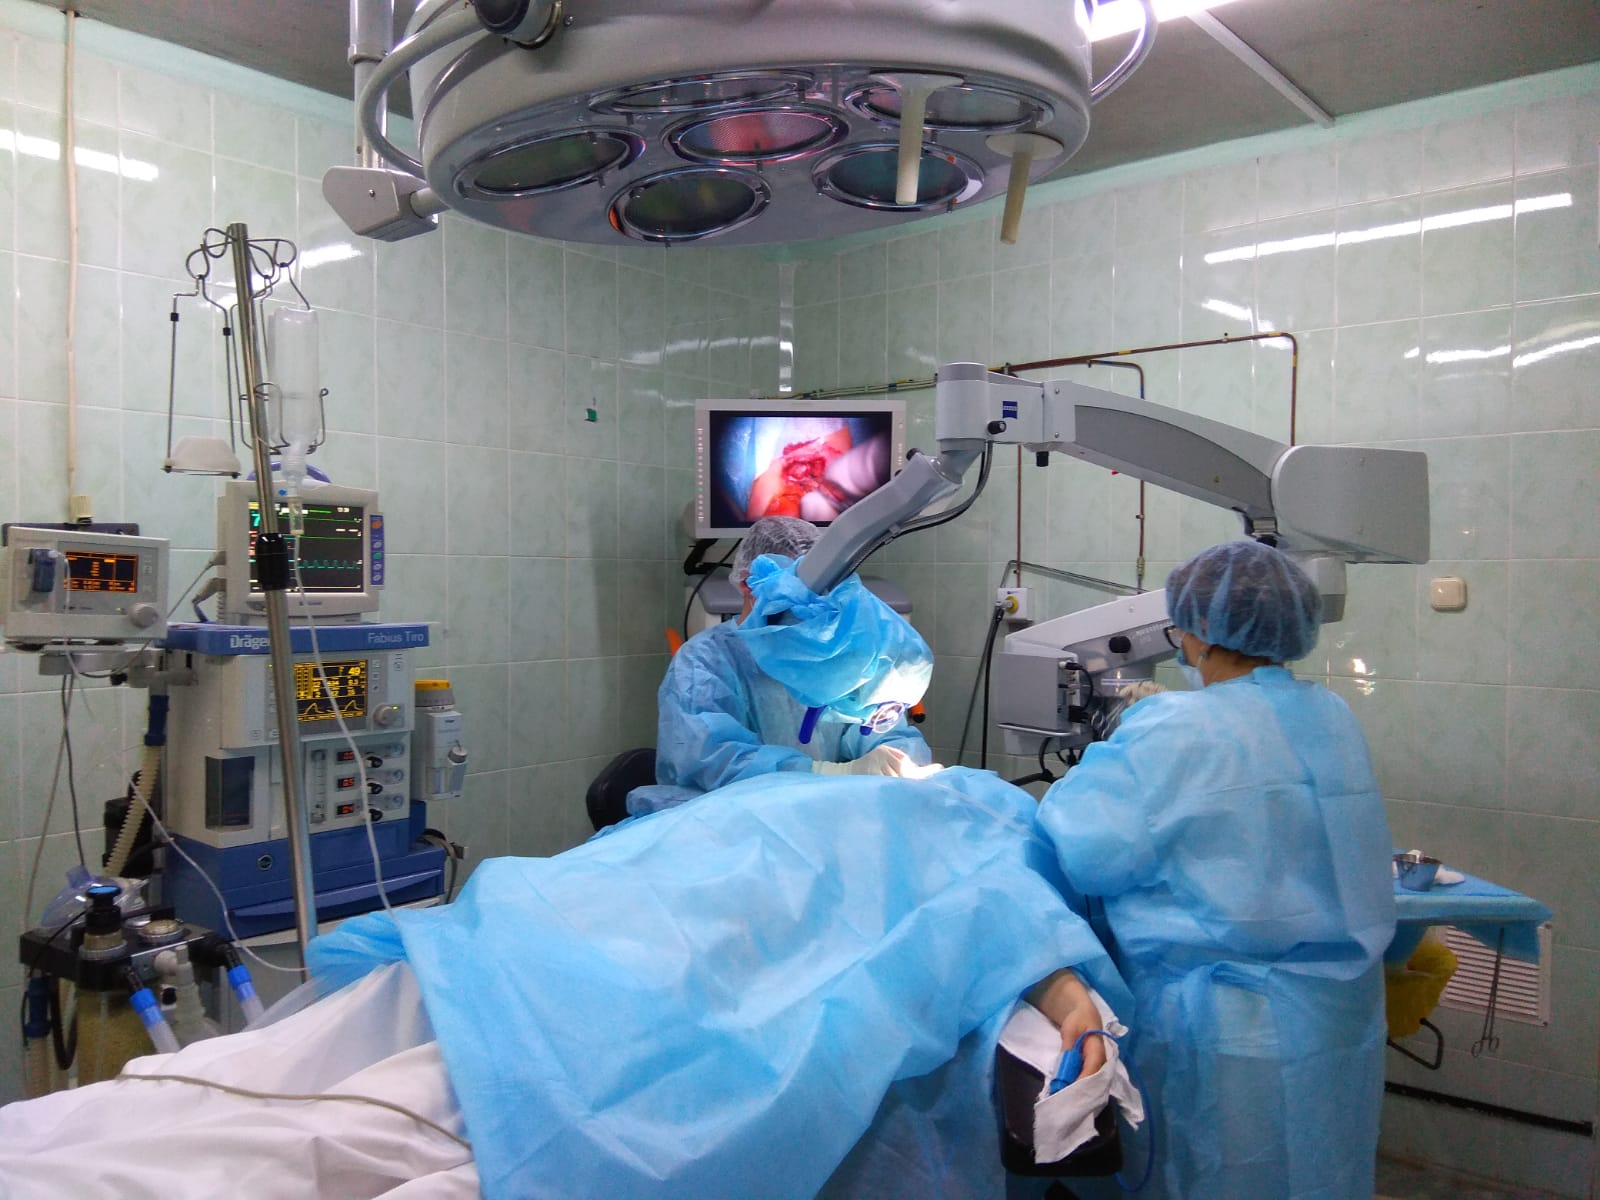 Храп может привести к инфарктам и инсультам: главный отоларинголог региона рассказал о новой лаборатории сна в Ярославле